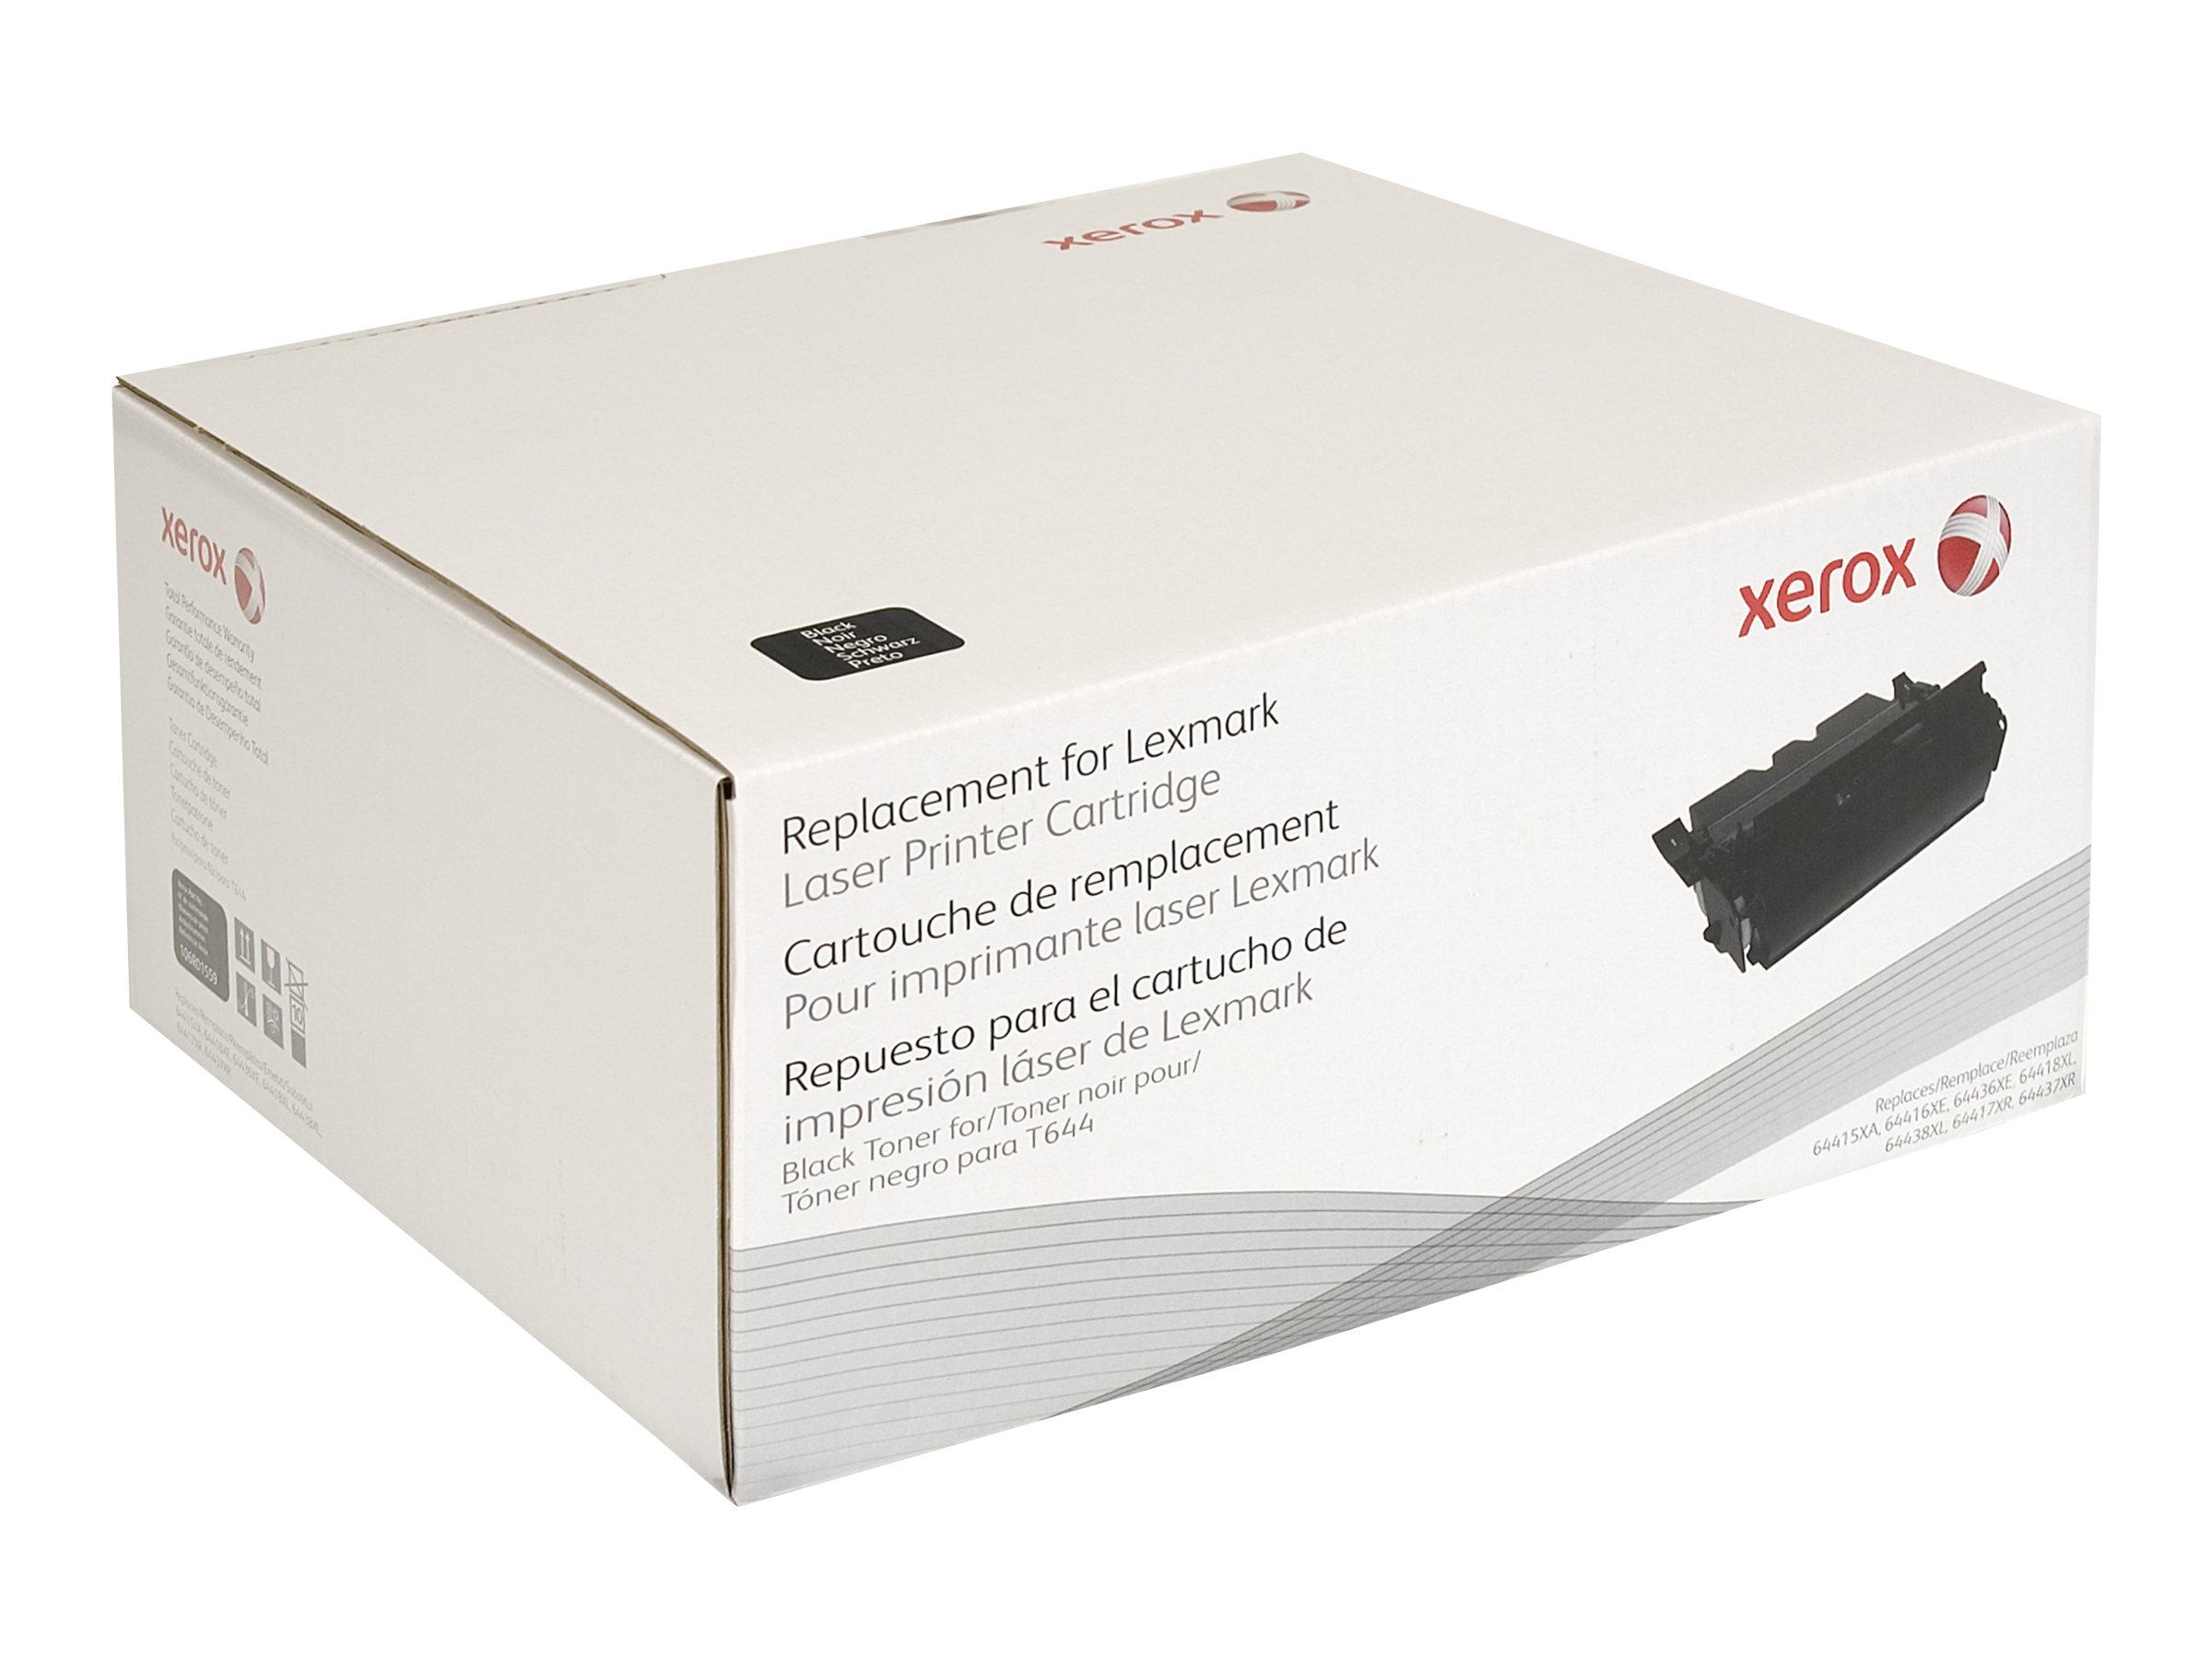 Xerox - noir - cartouche de toner (équivalent à : Lexmark 64416XE, Lexmark 64436XE)